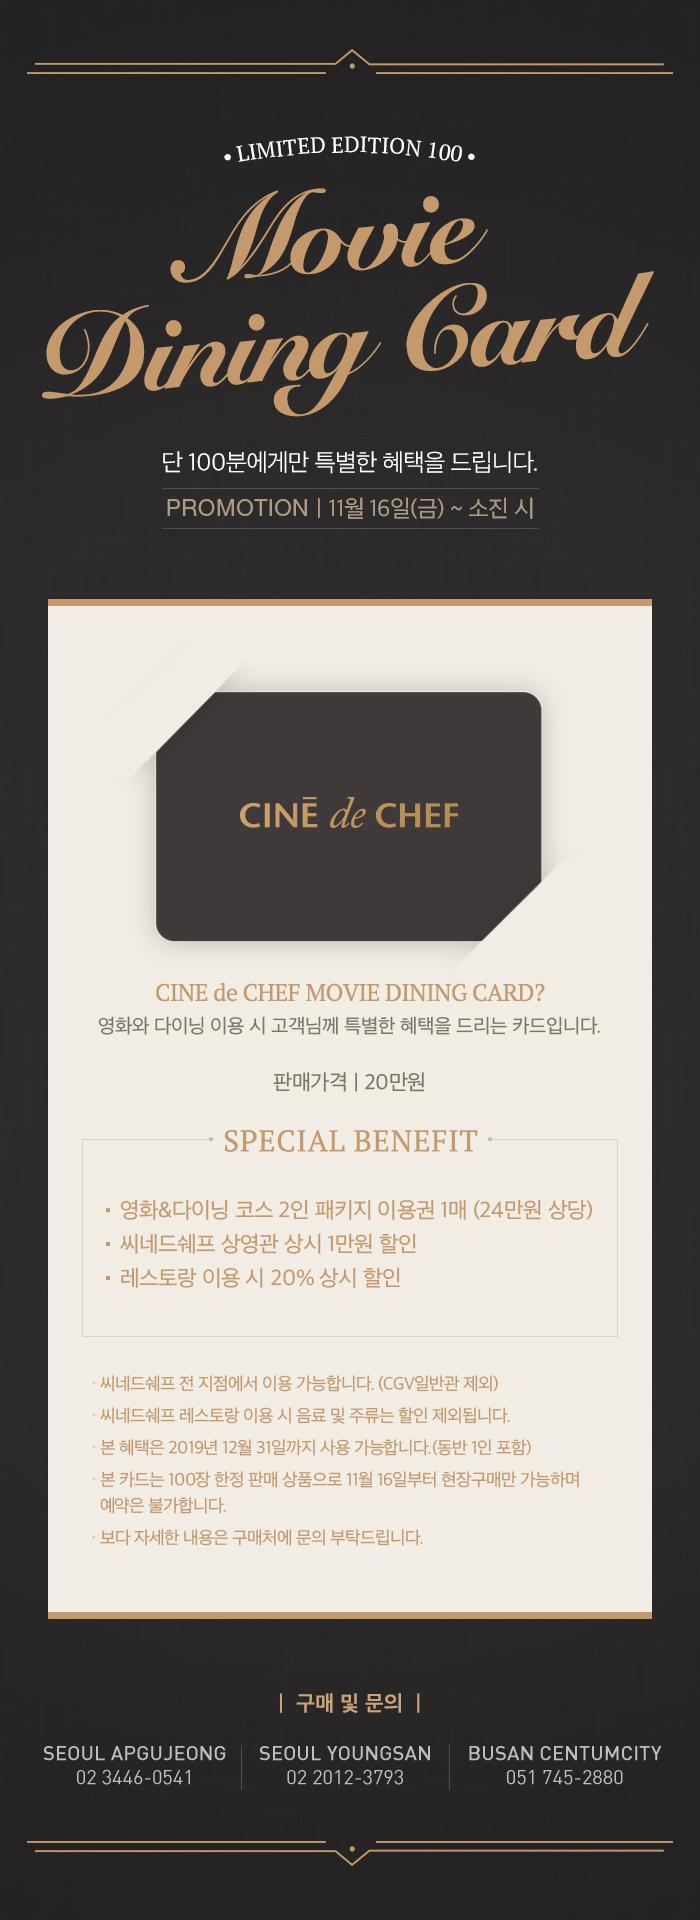 CGV극장별 [씨네드쉐프]씨네드쉐프 무비다이닝 카드